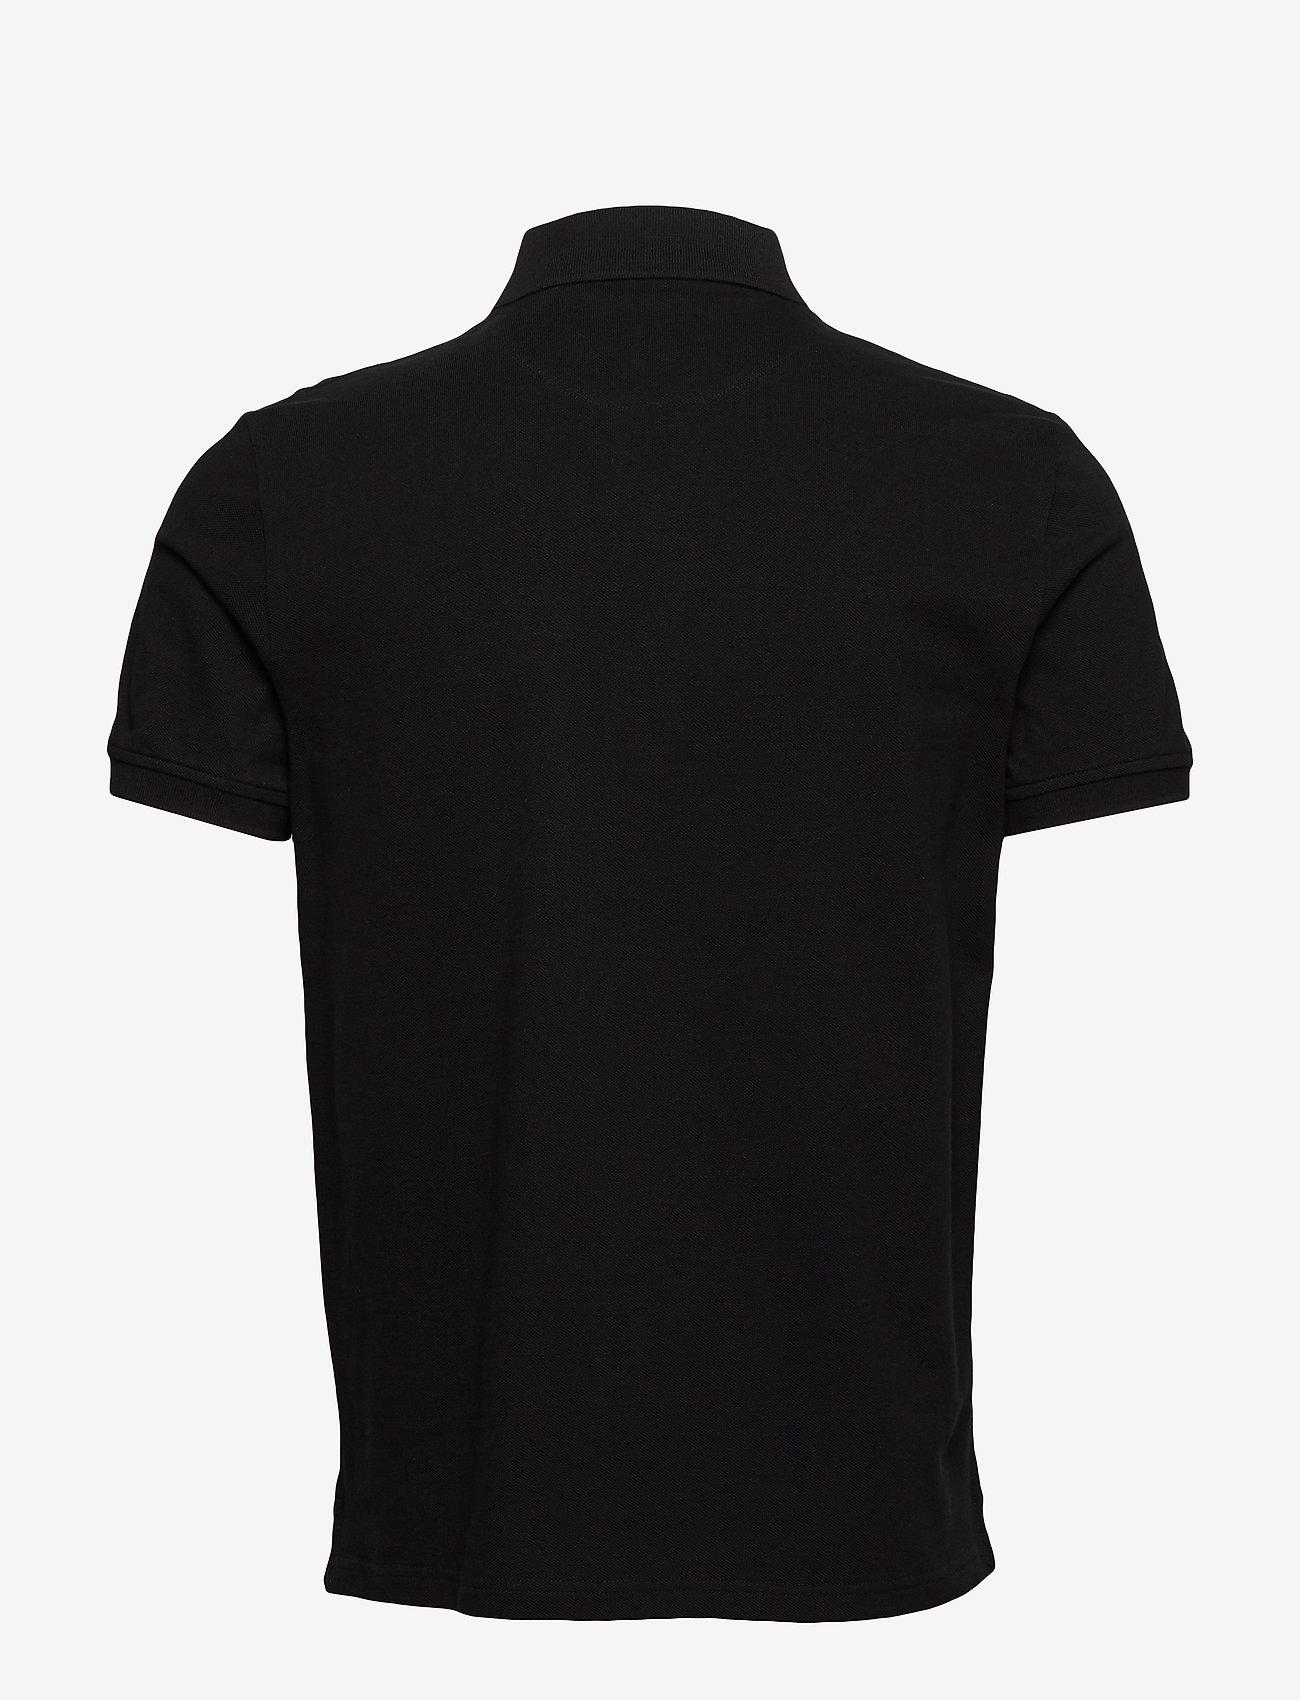 Lyle & Scott Polo Shirt - Poloskjorter JET BLACK - Menn Klær